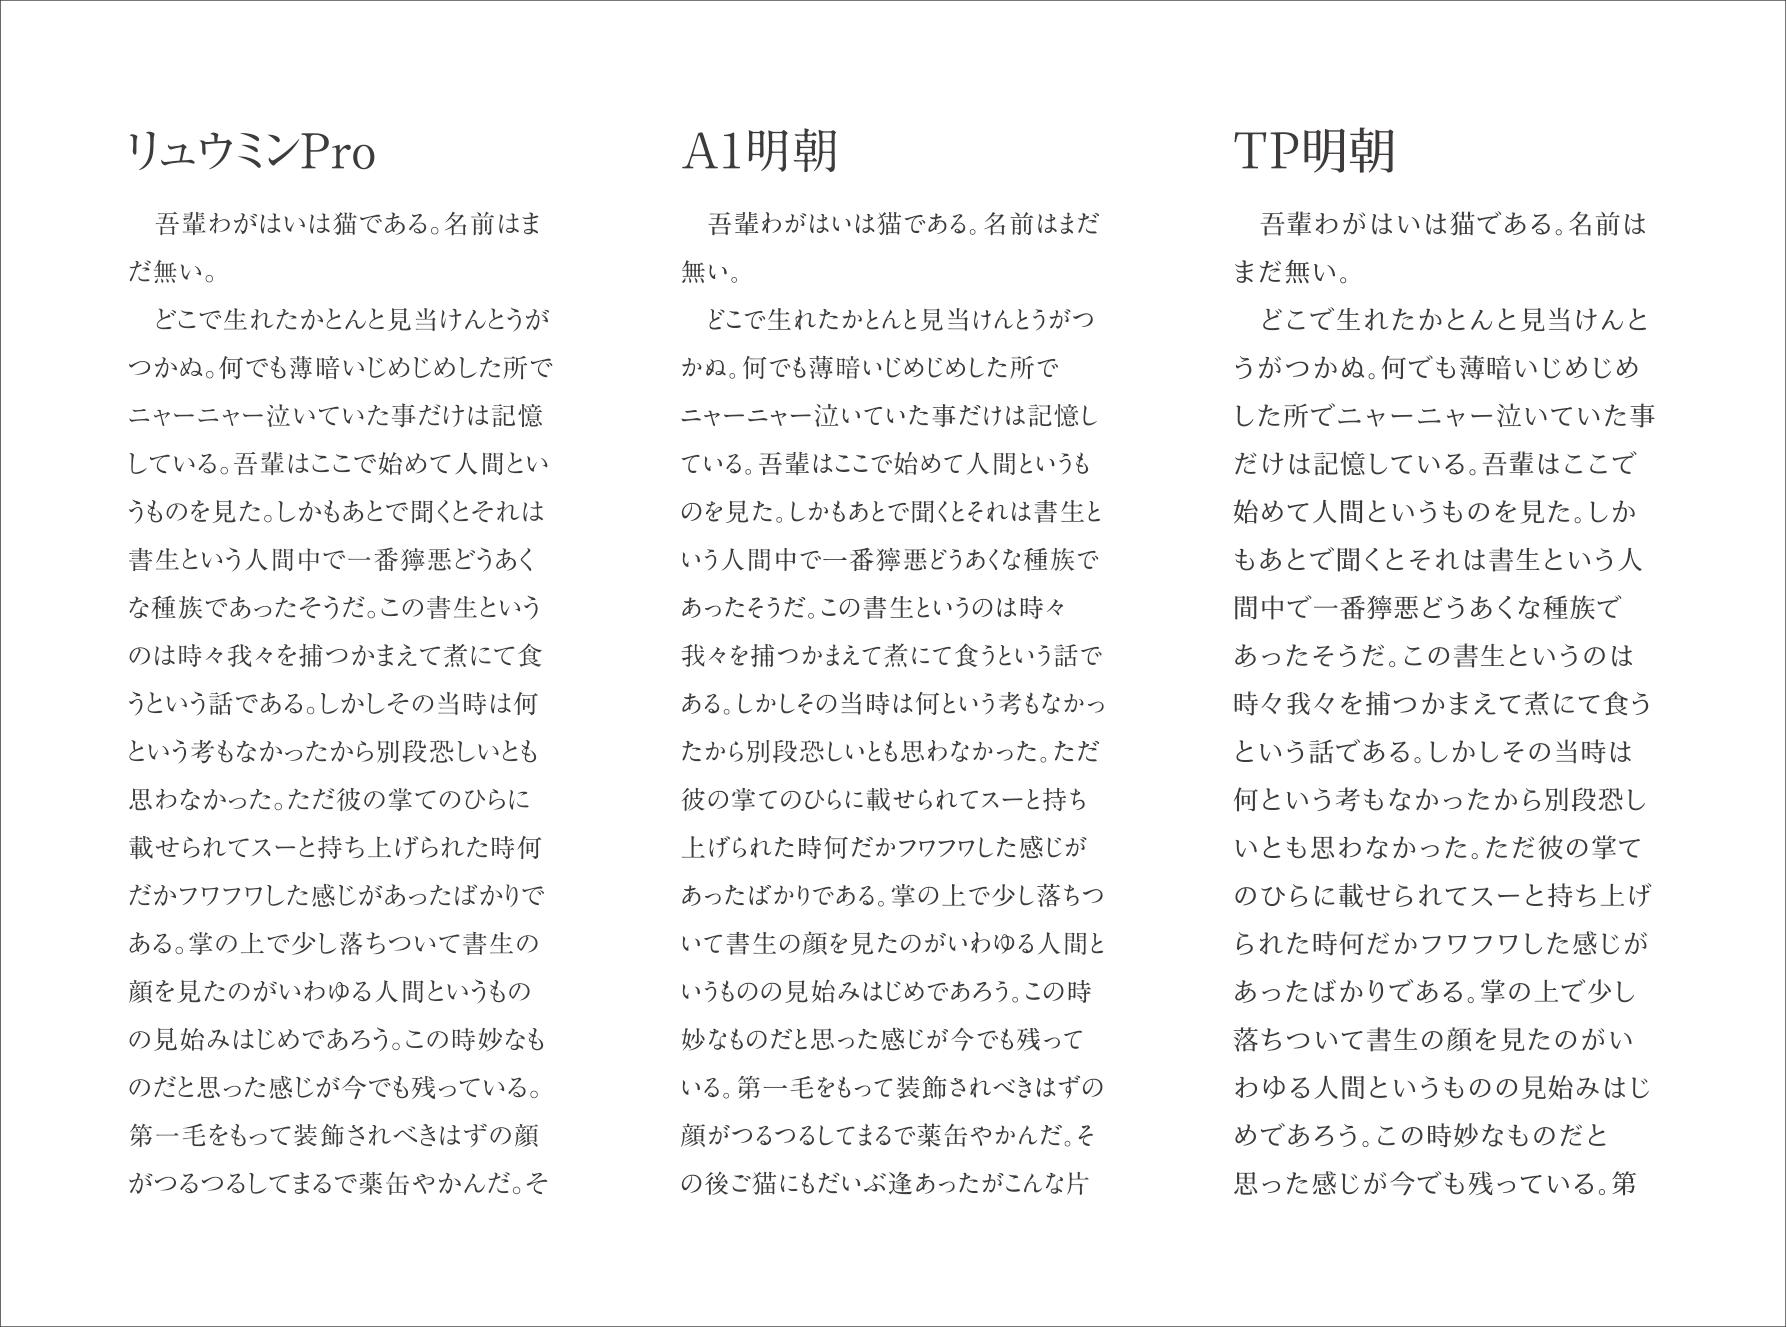 比較:リュウミンPro/A1明朝/ヒTP明朝